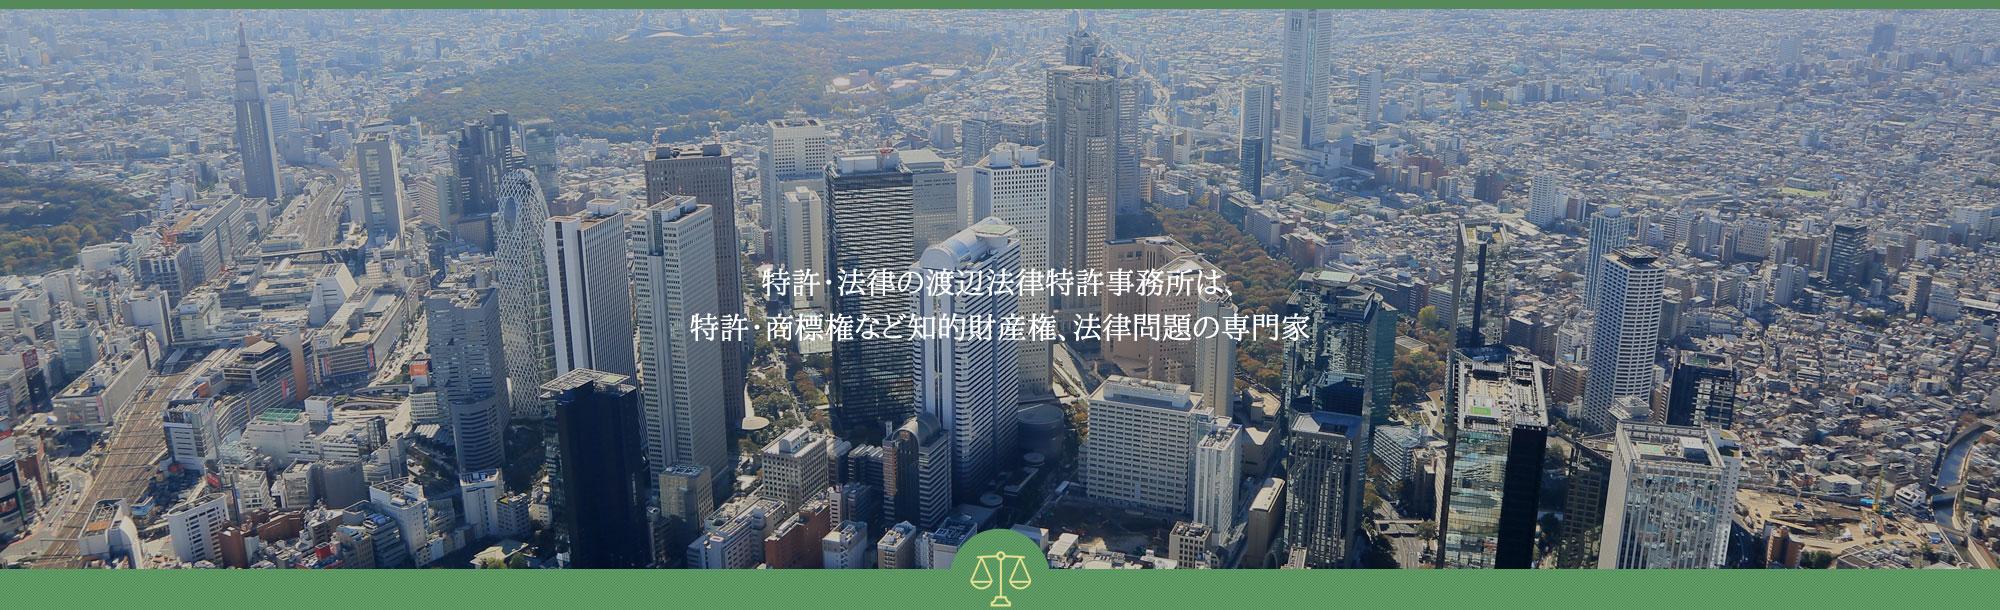 特許・法律の渡辺法律特許事務所は、                 特許・商標権など知的財産権、法律問題の専門家